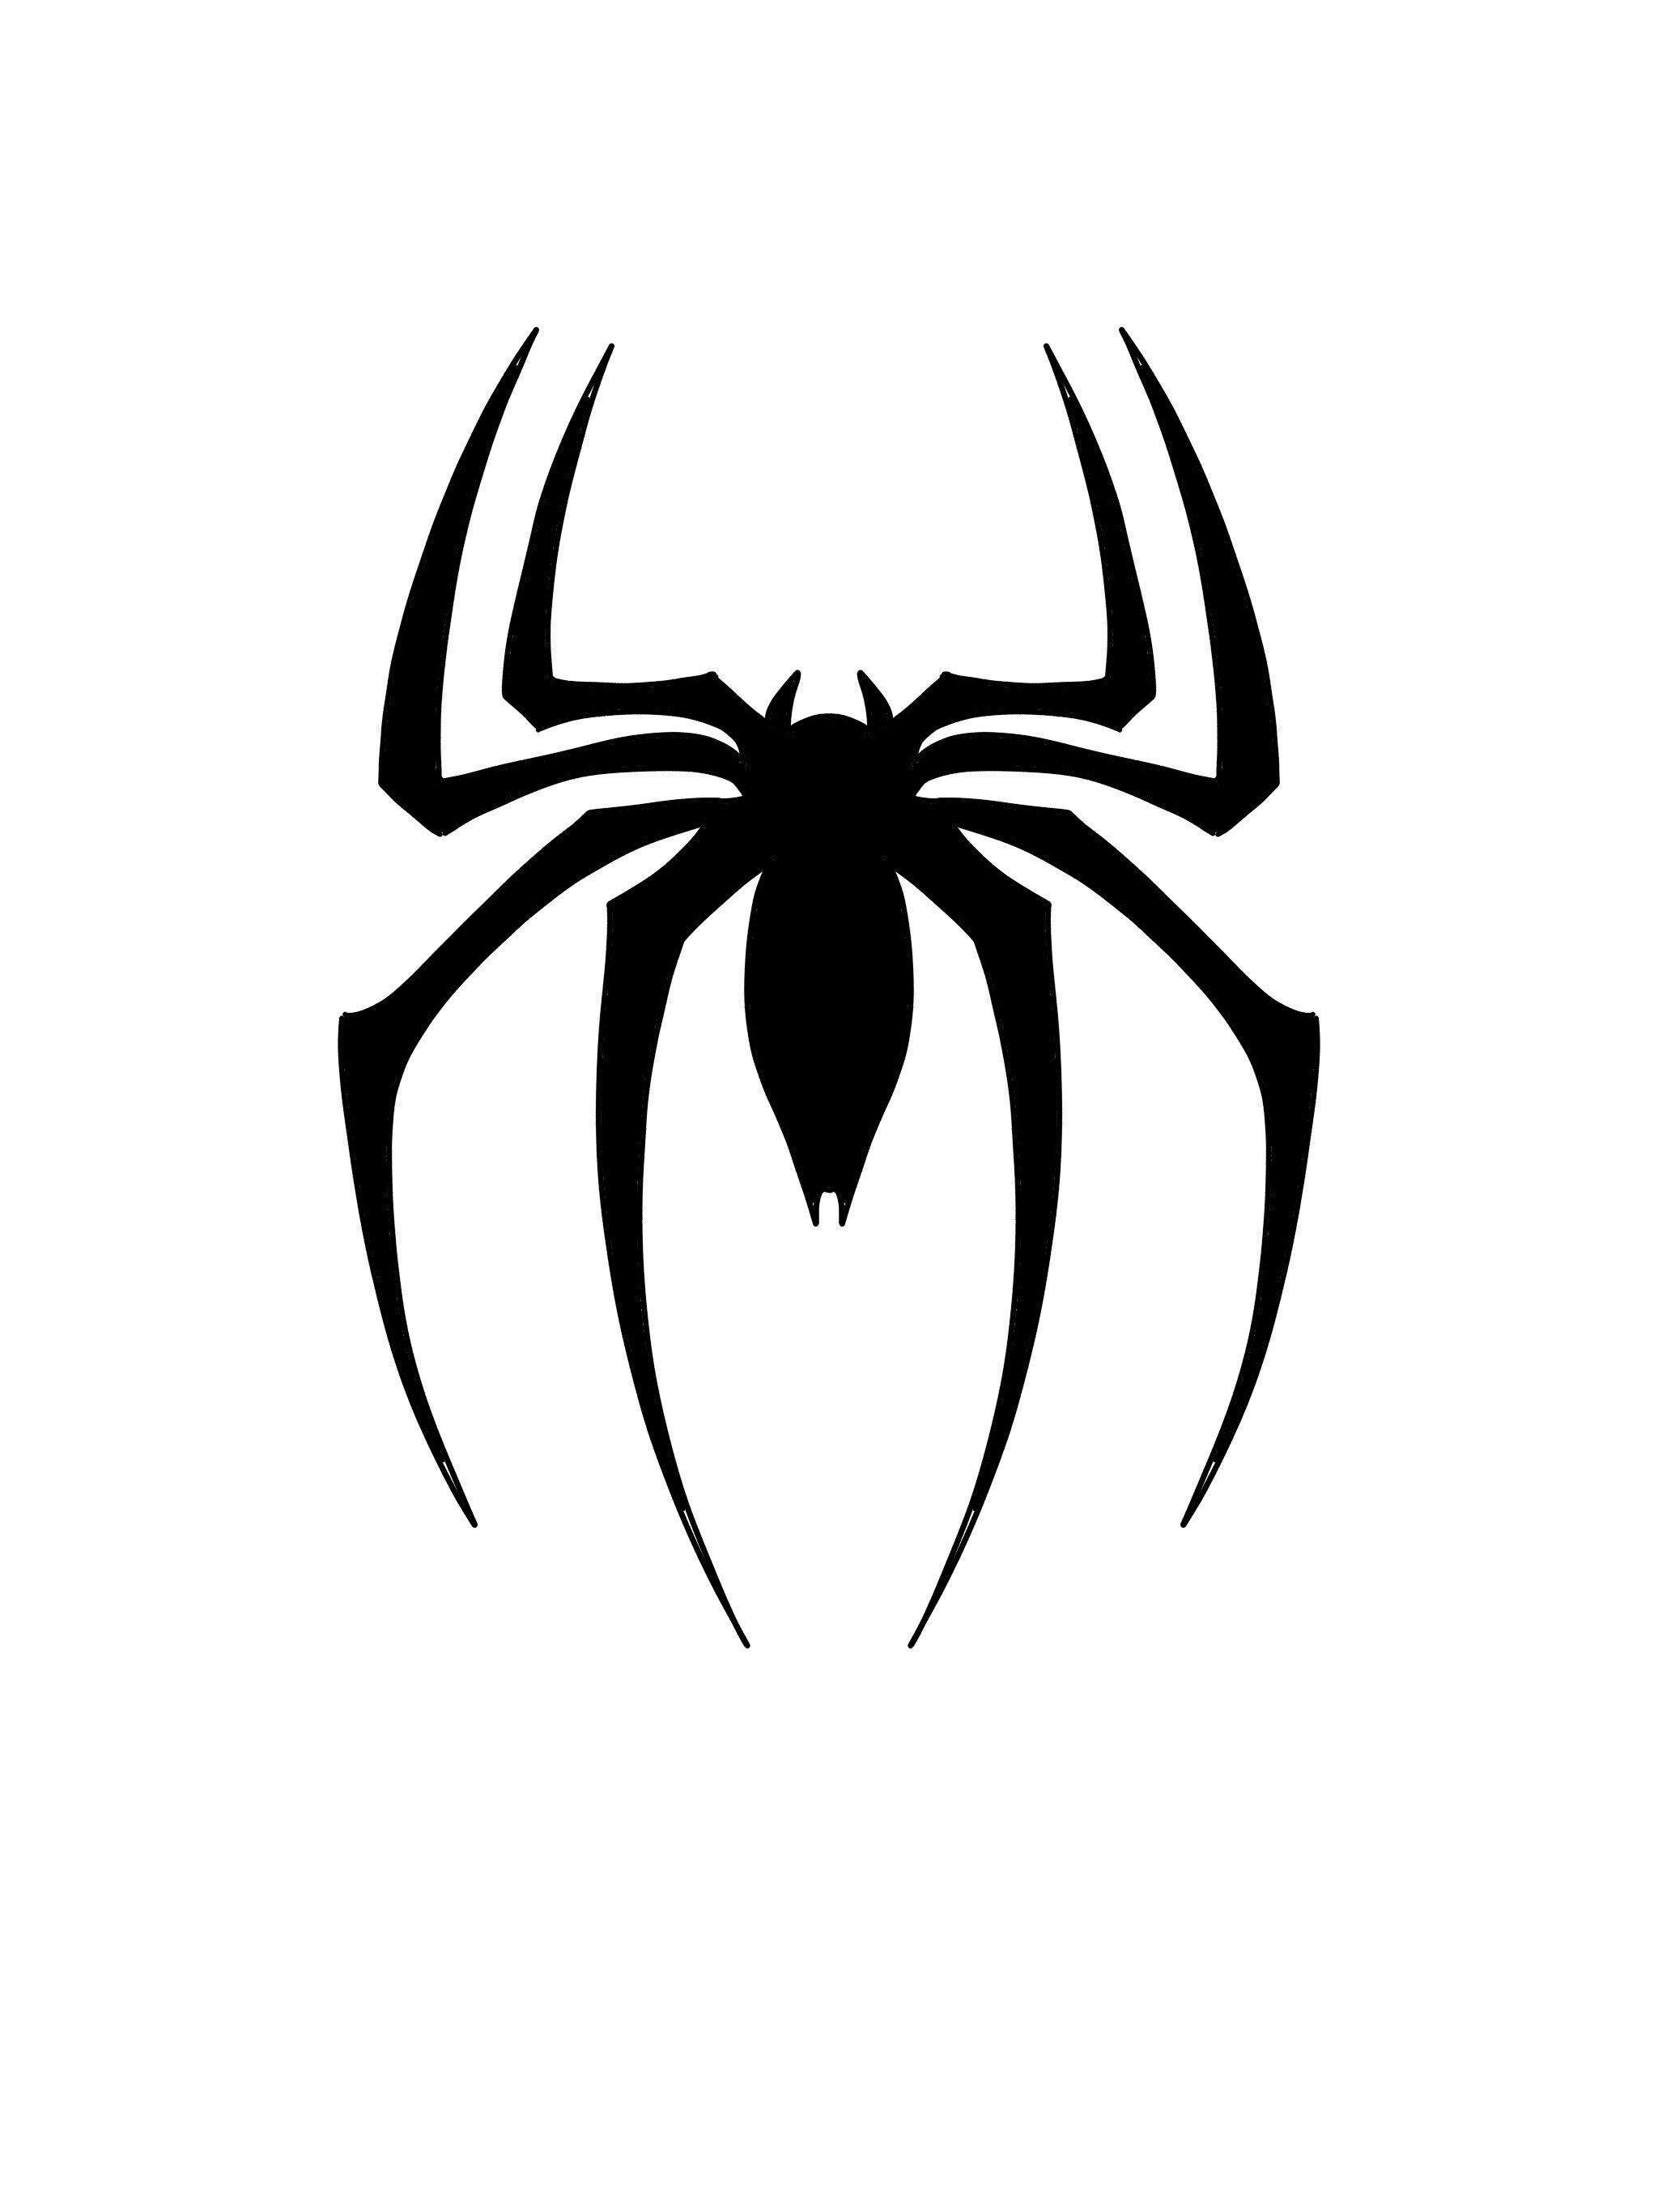 Spider-Man Sticker- Spider-Man - avengers quote sticker, avengers fan gift - rose soma stickers